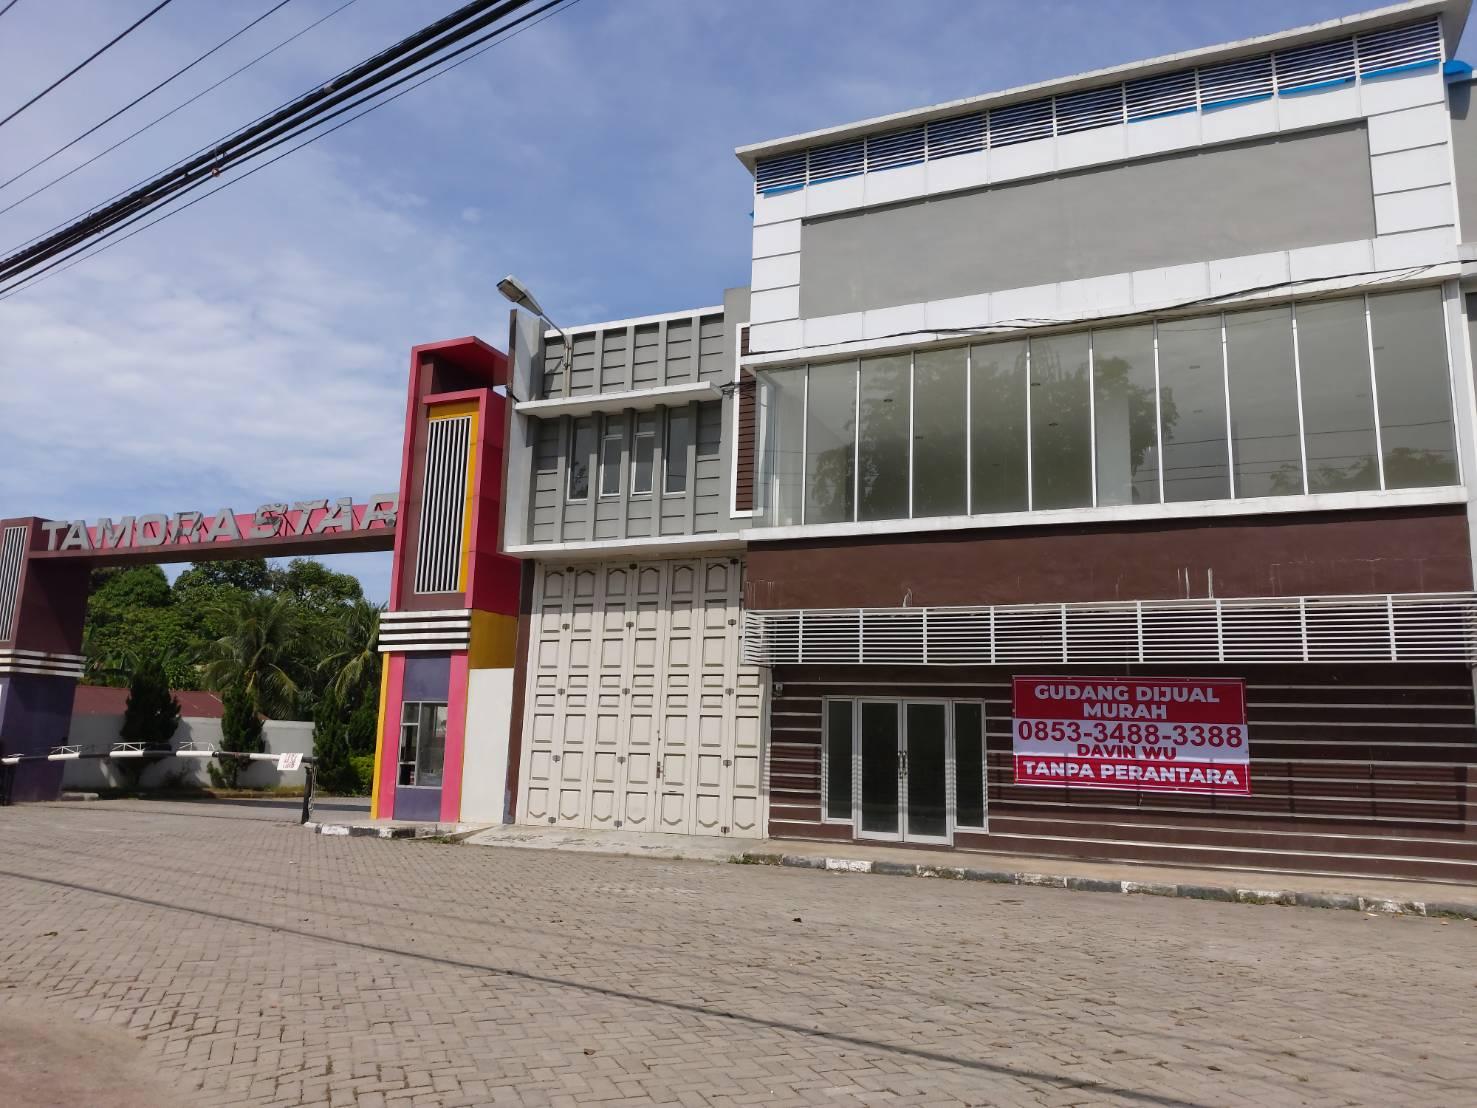 Gudang Medan Tanjung Morawa Tamora Star (0853-3488-3388)